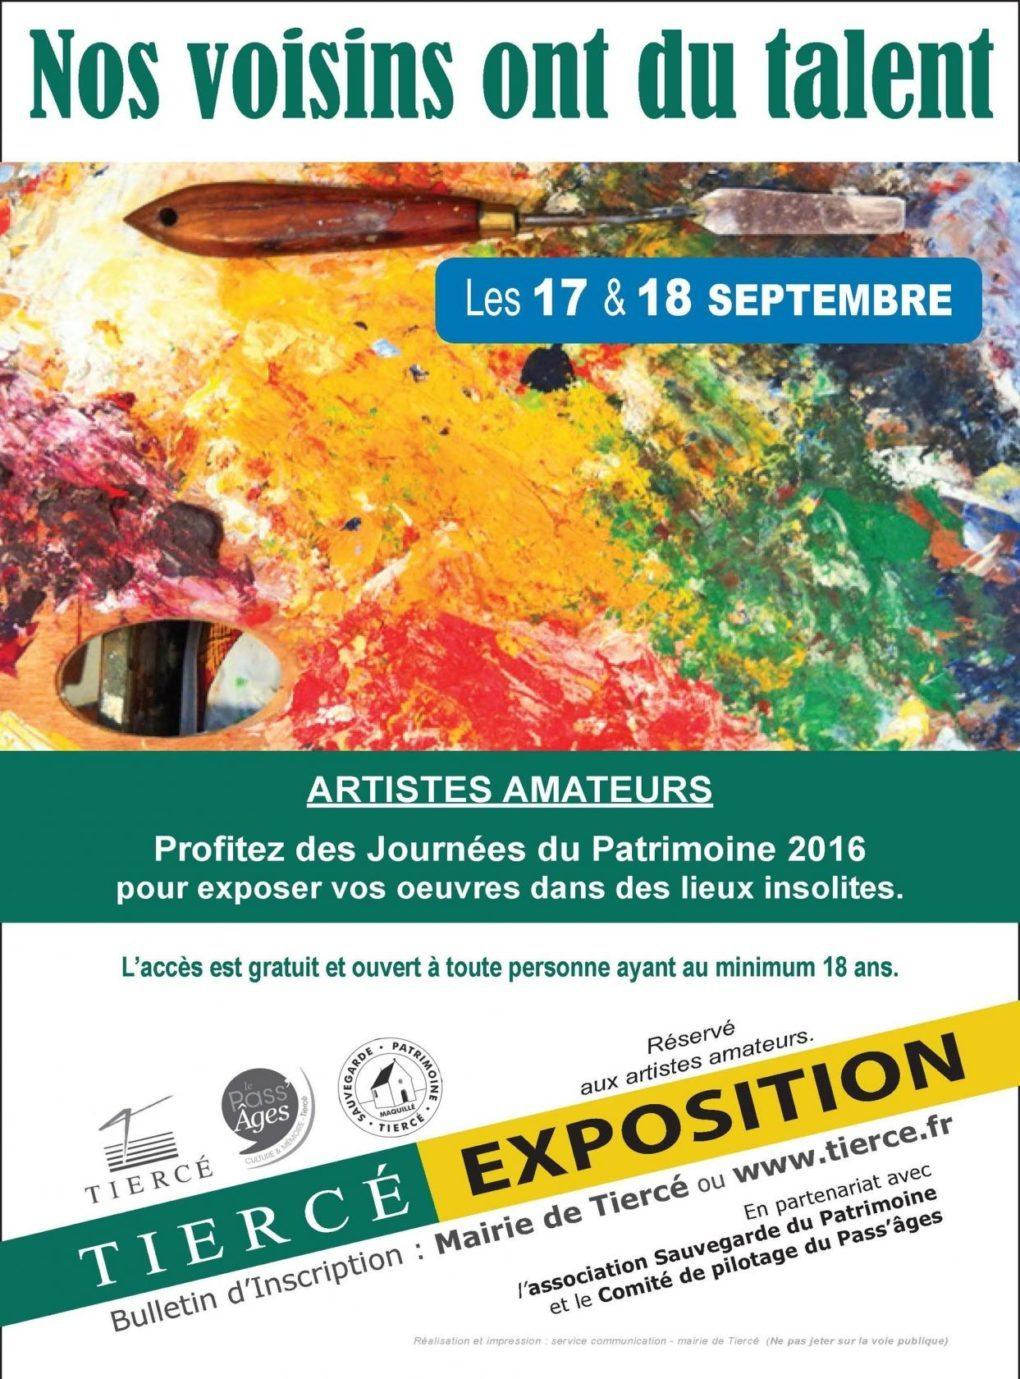 Journées du Patrimoine : exposition d'artistes amateurs Tiercé